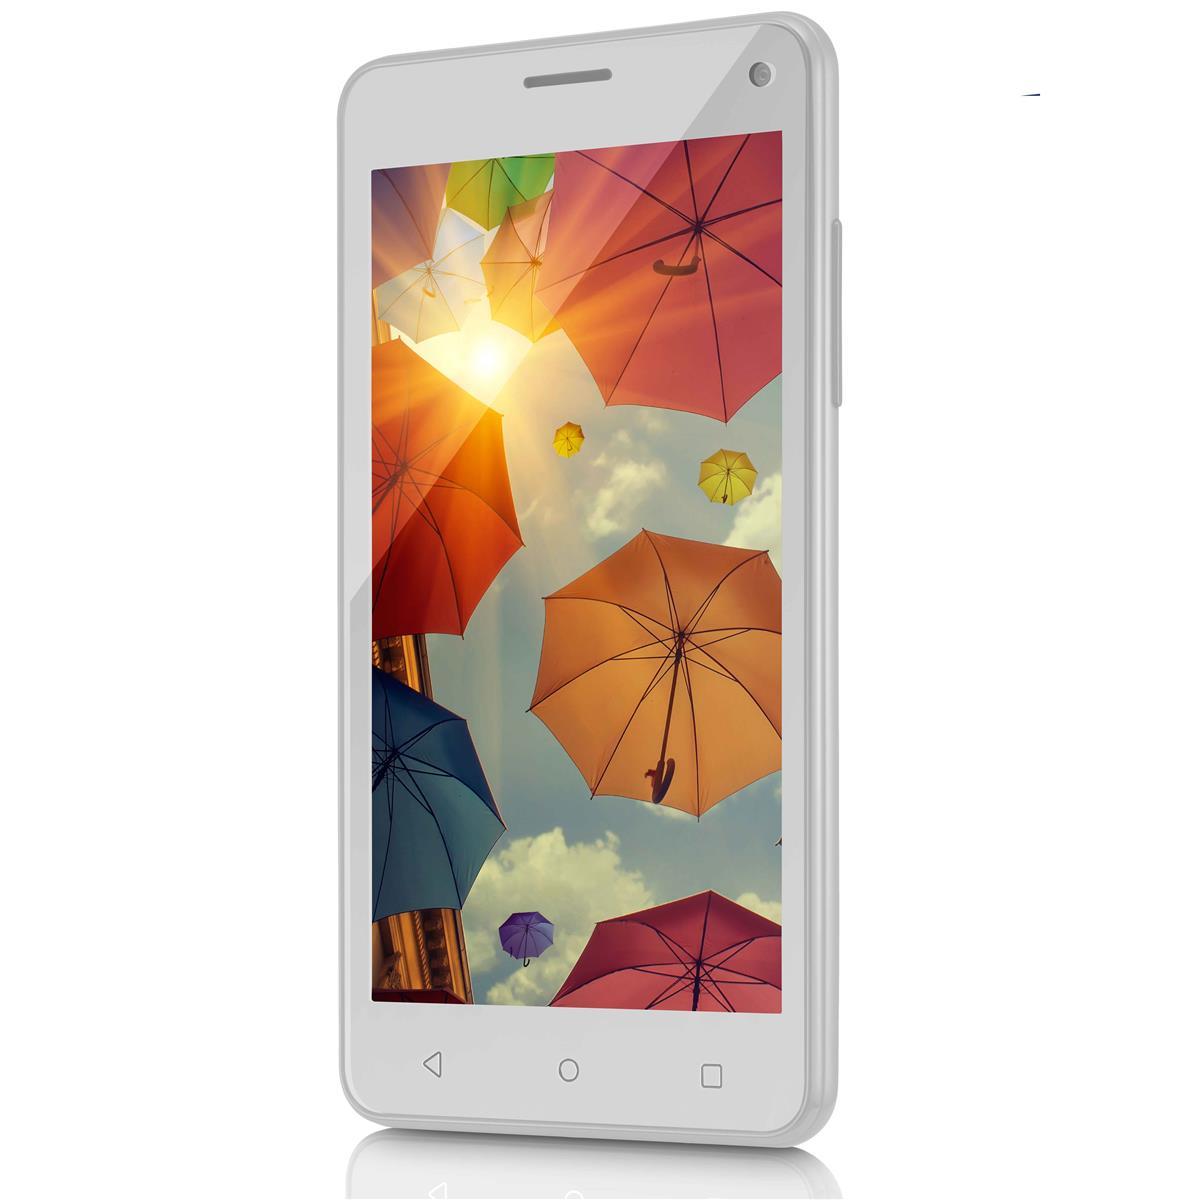 Smartphone Quadcore 16Gb Ms50 Branco Colors P9002 Multilaser